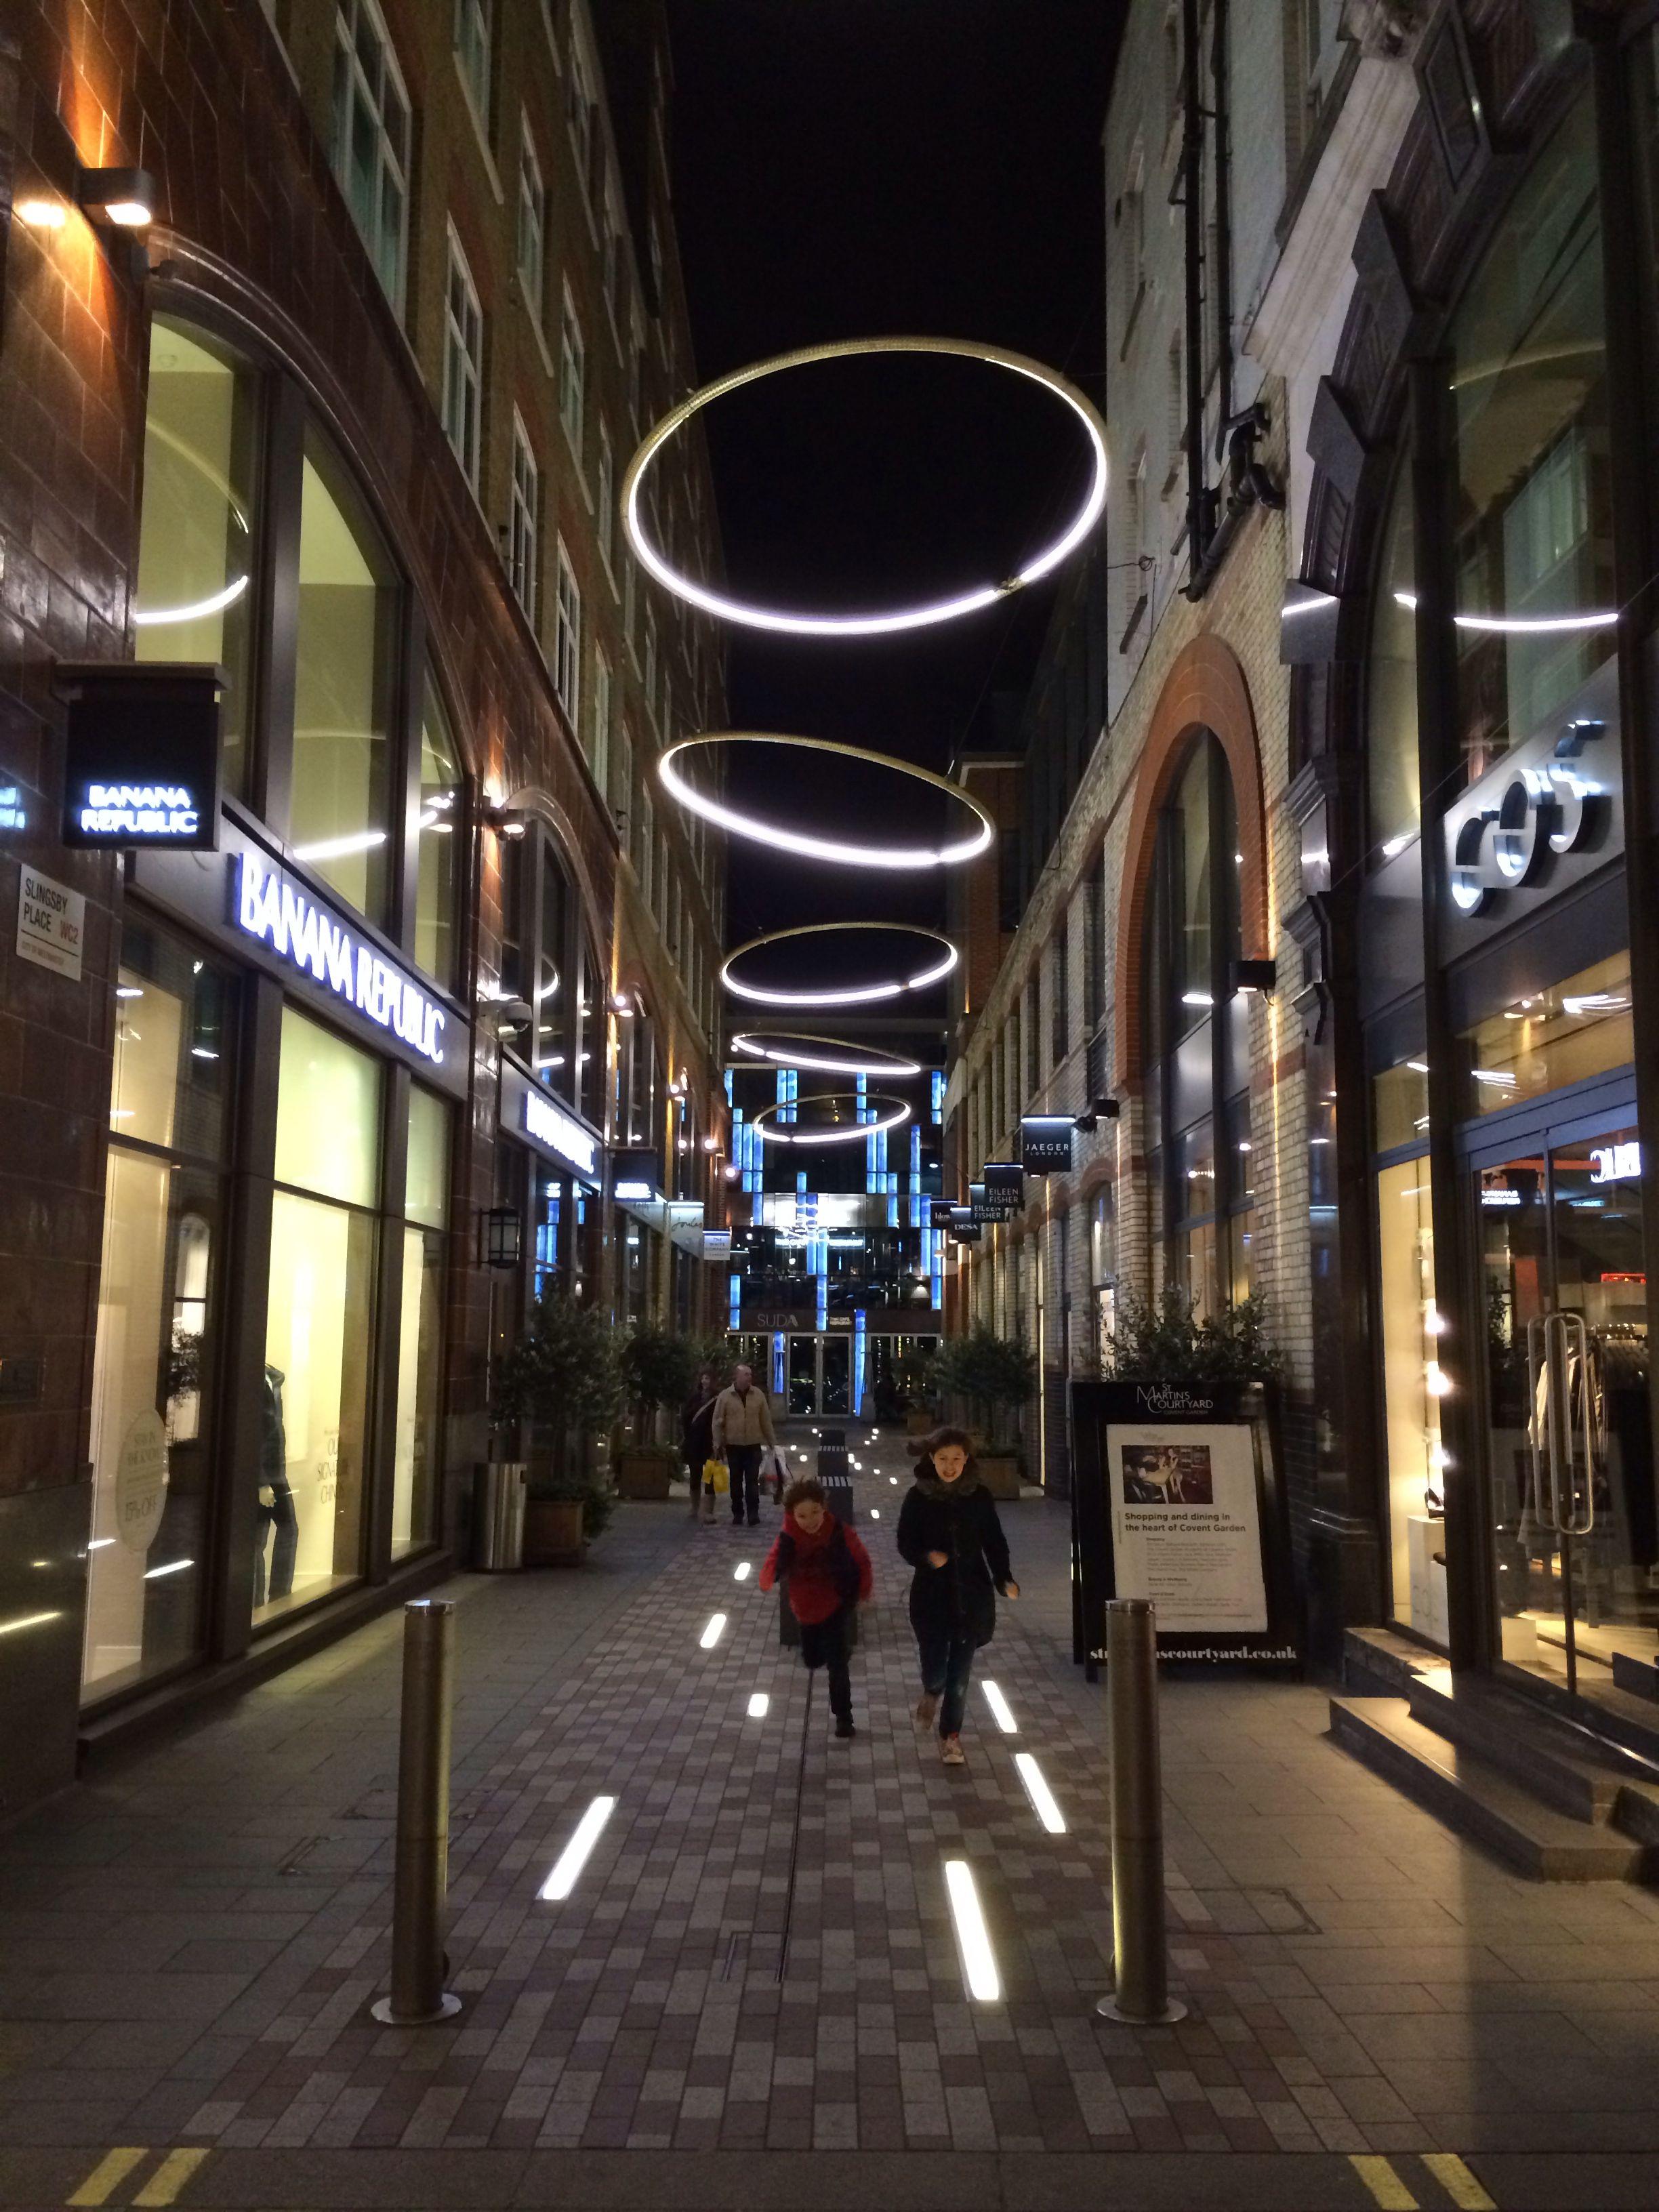 Pedestrian Street Lighting Anneaux De Led Comme Des